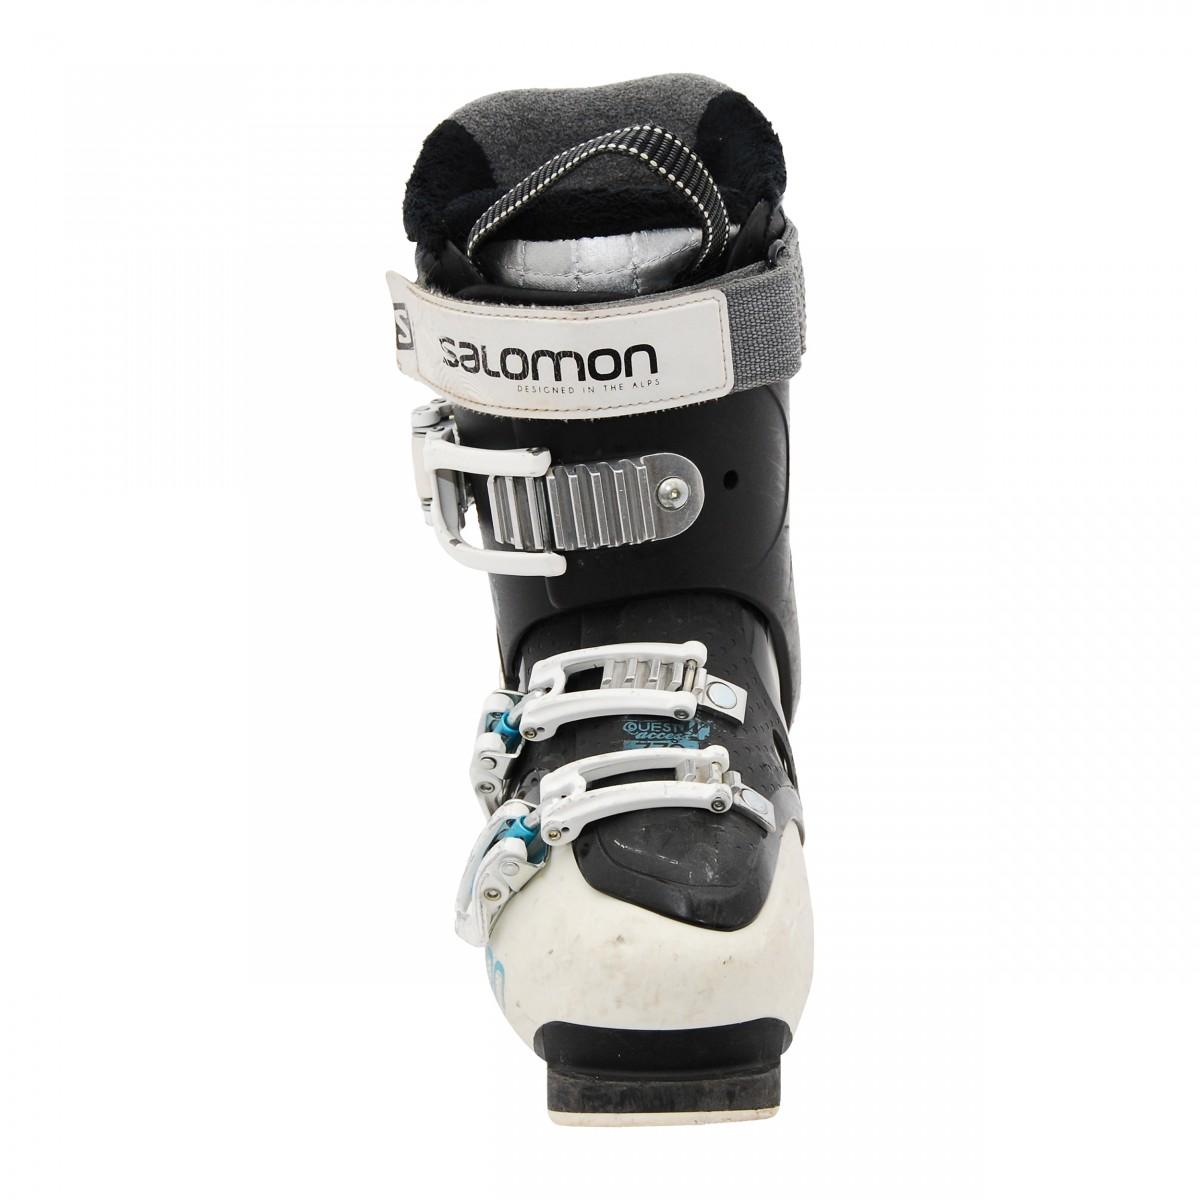 Used ski boots Salomon Quest access R70 W black